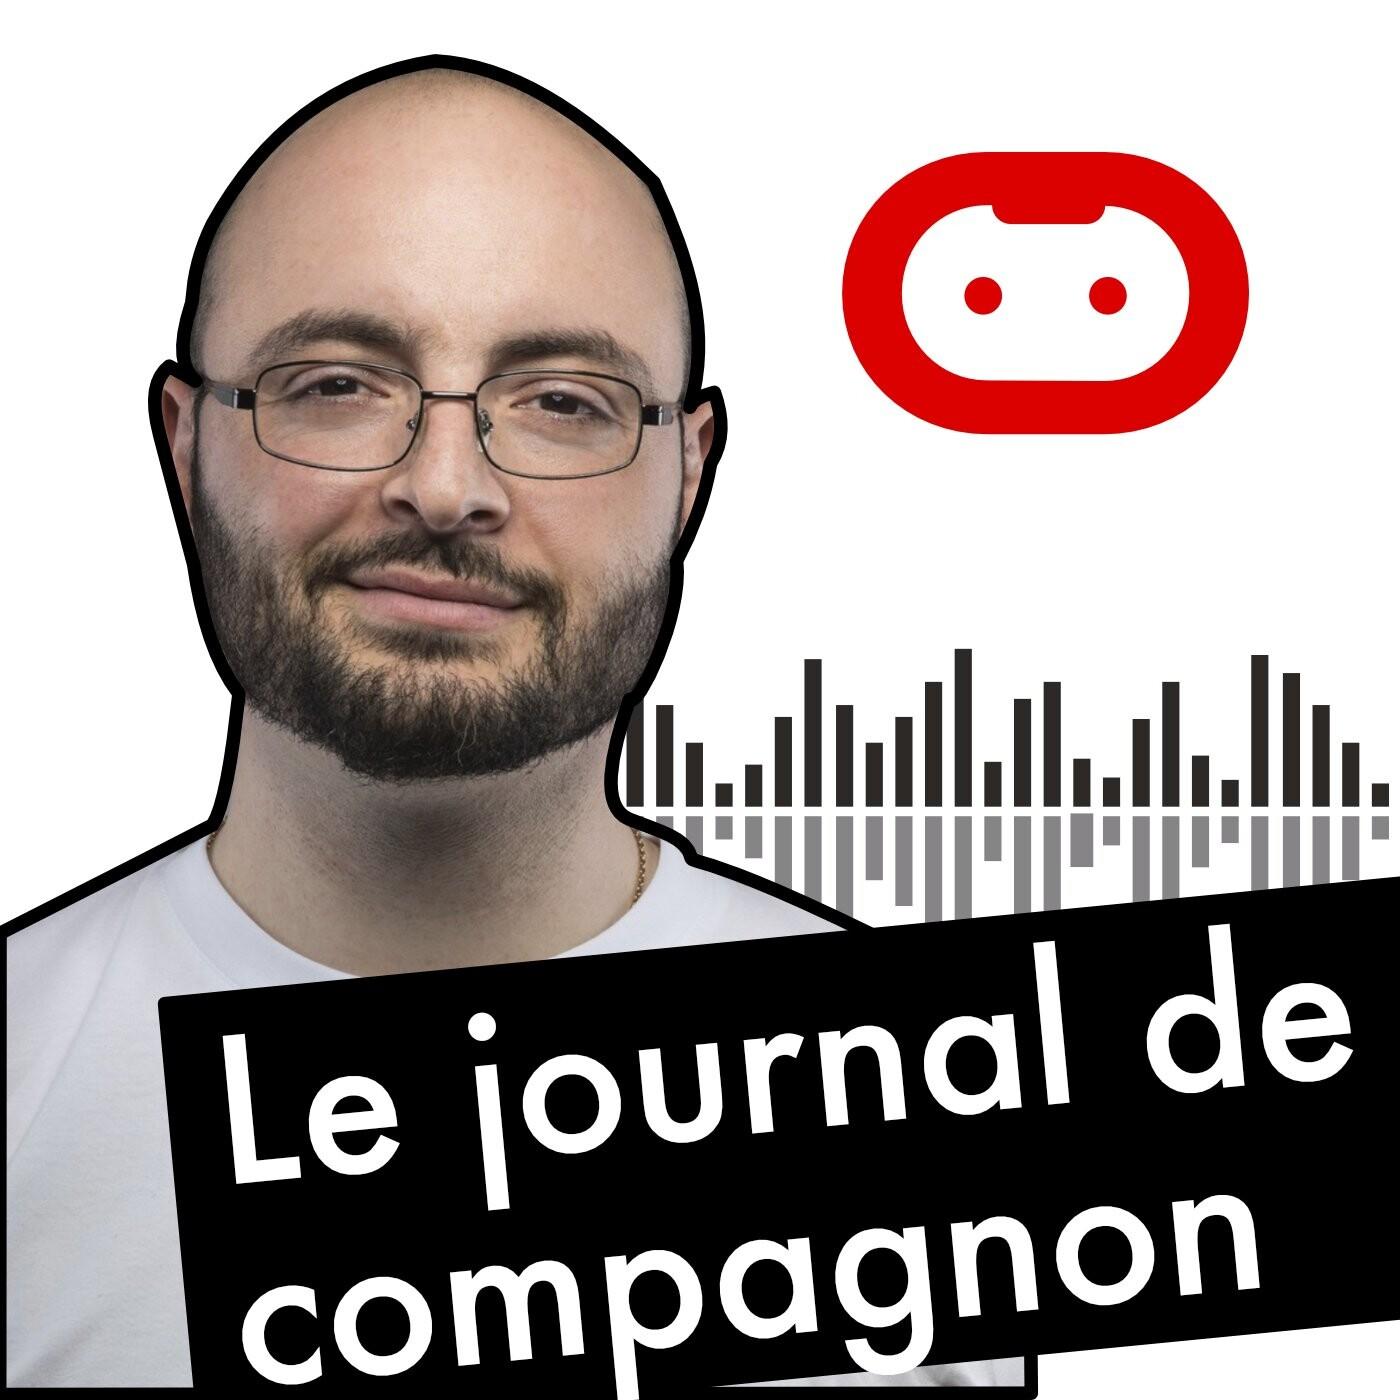 Journal de compagnon #5